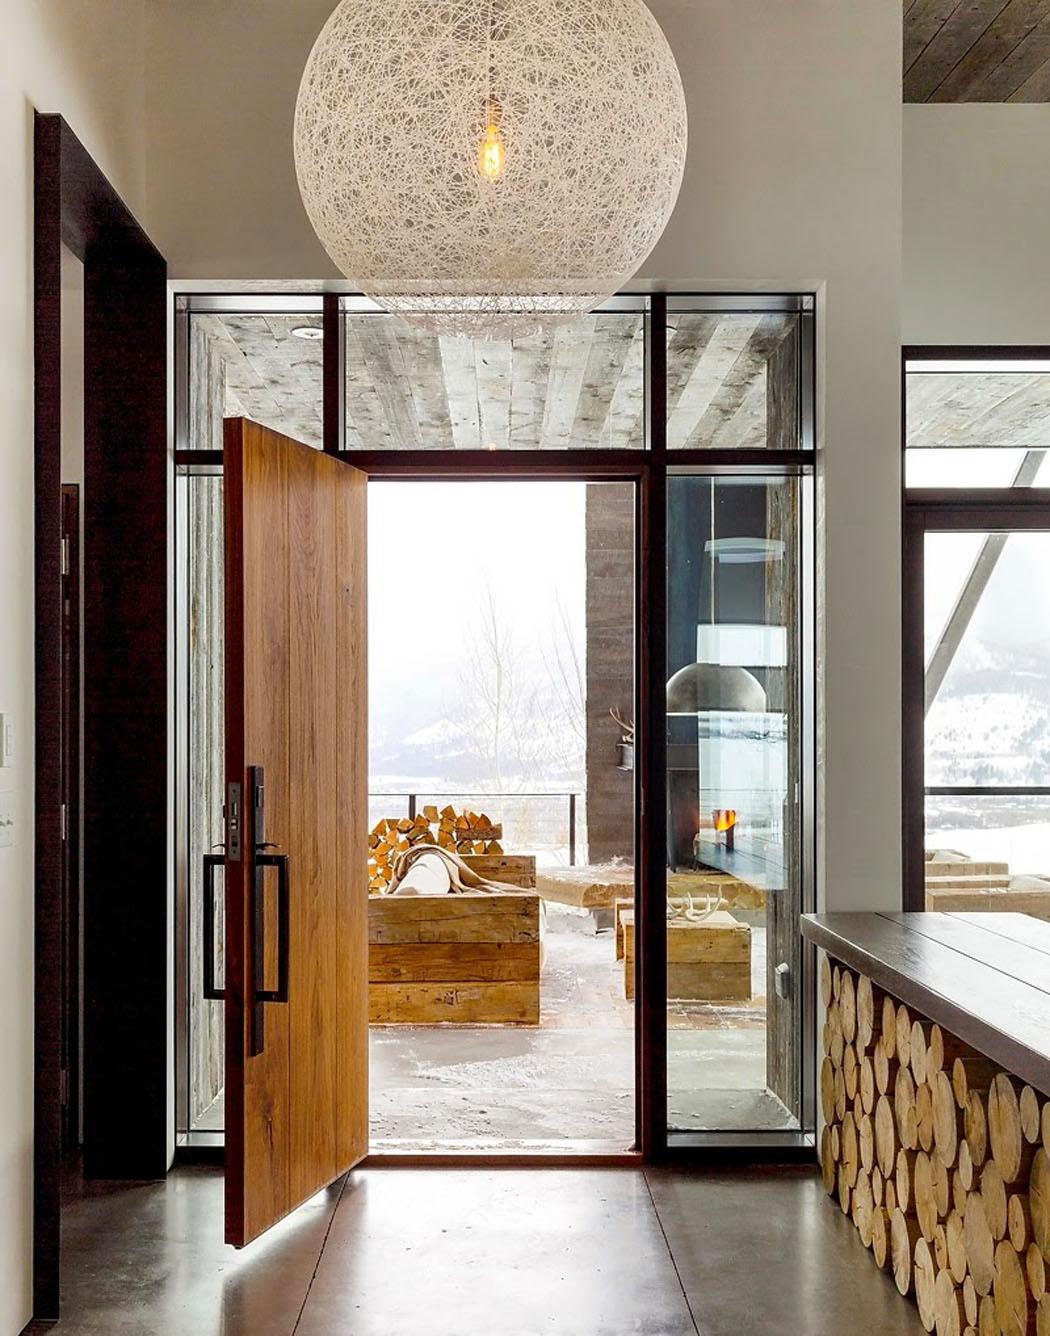 Une maison rustique modernis e dans l esprit clectique for Massif entree maison